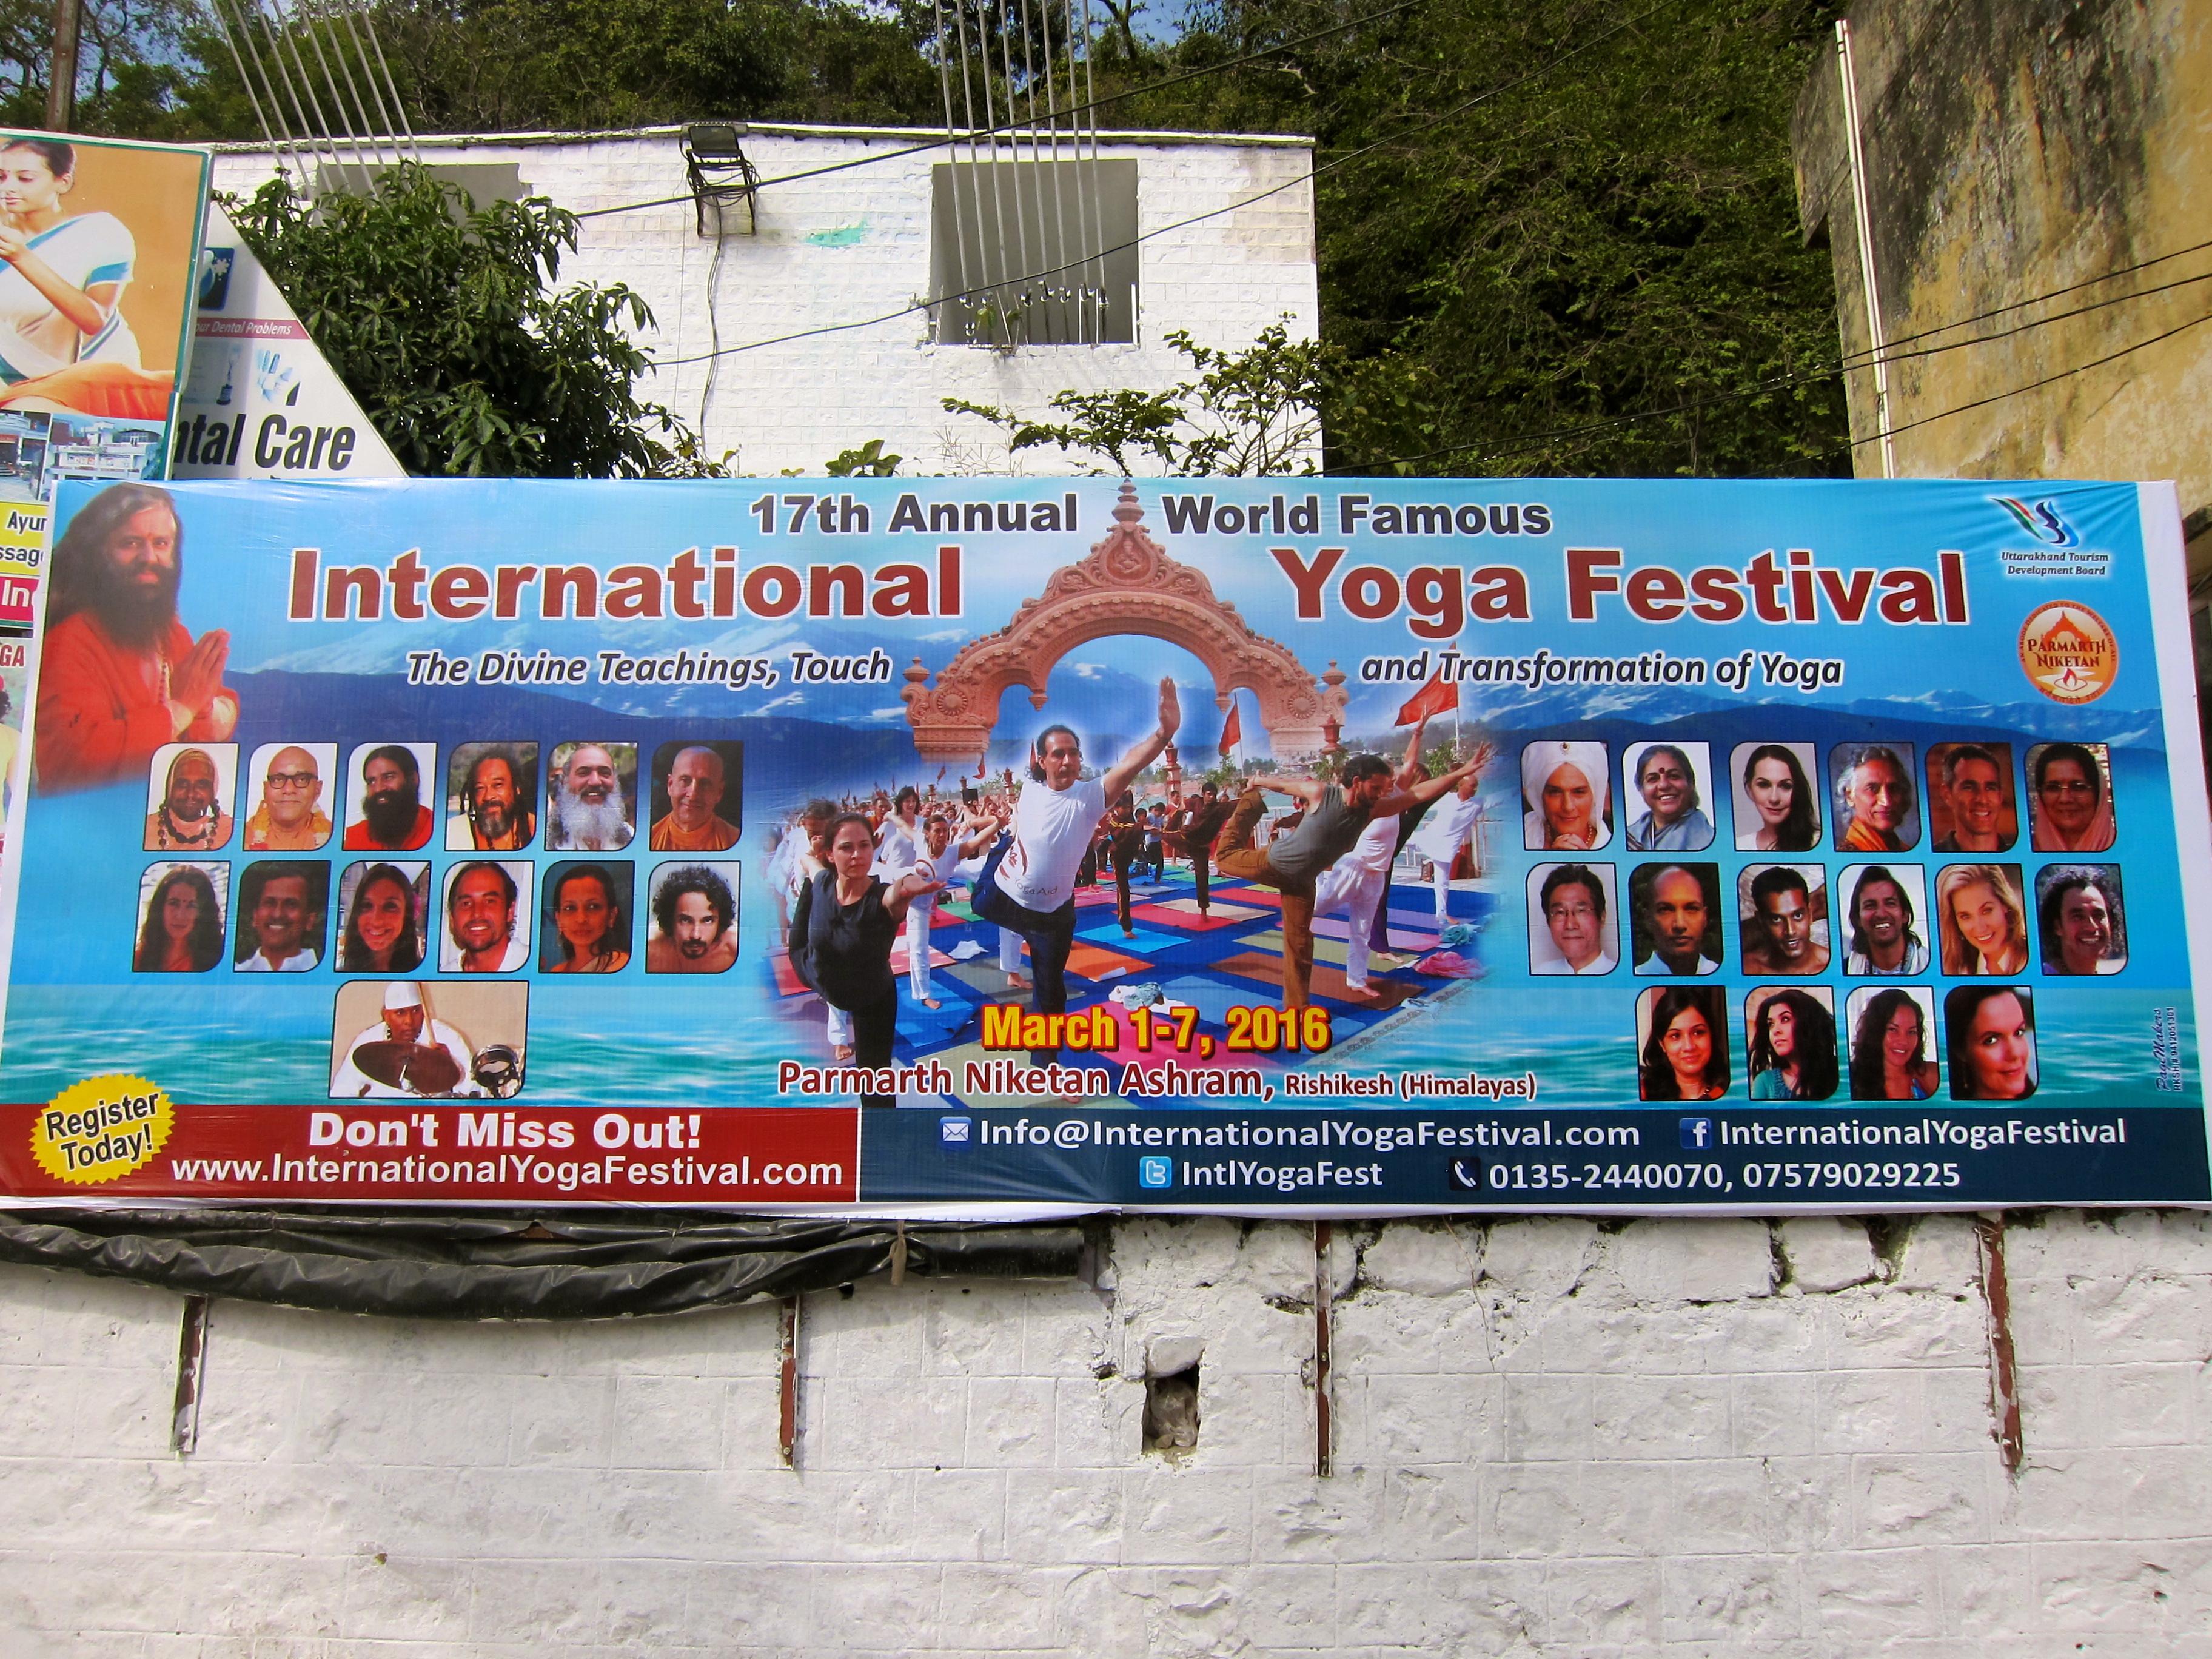 Reklam för Rishikesh årliga internationella yogafestival. ©Elin Thorsén